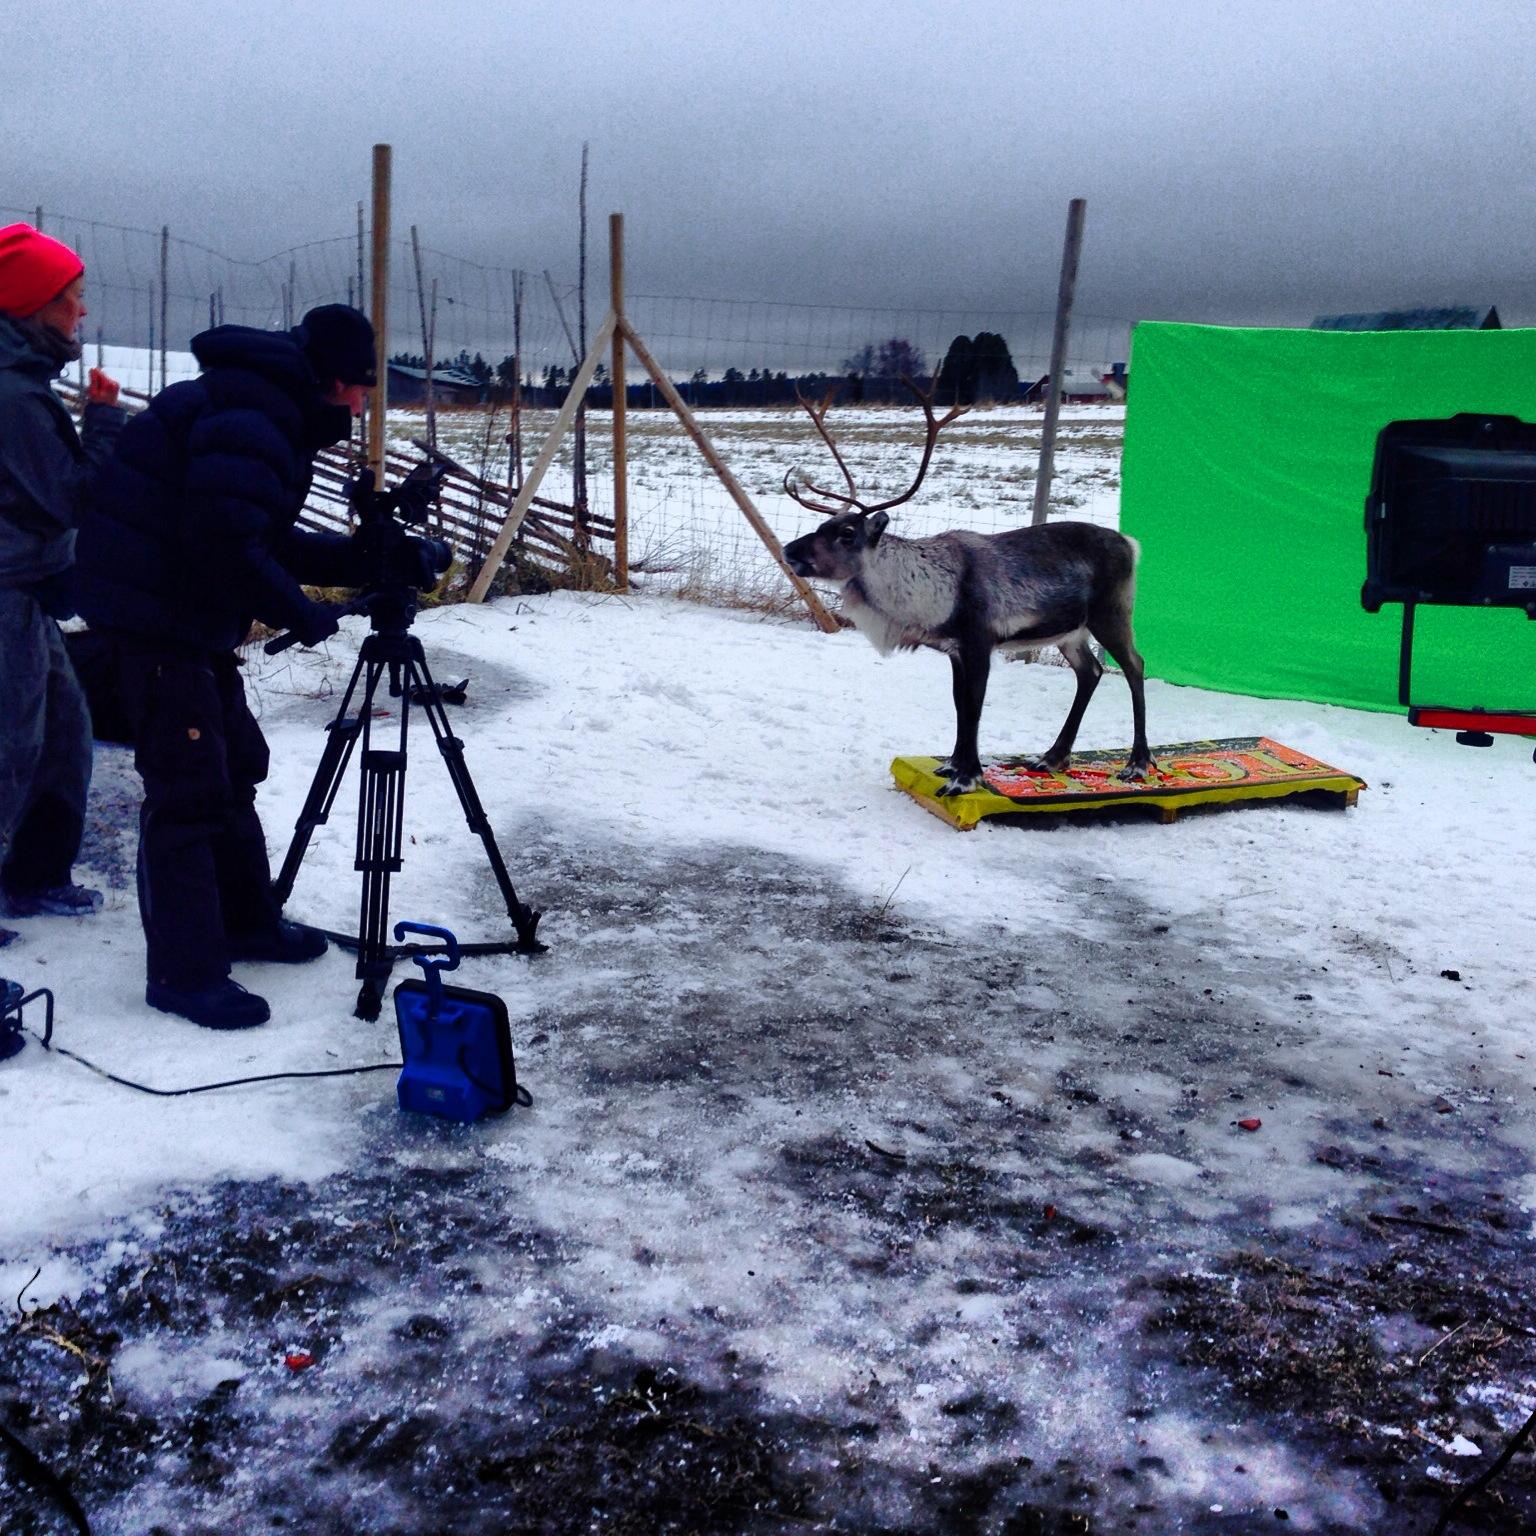 Rudolf framför sin första green screen.